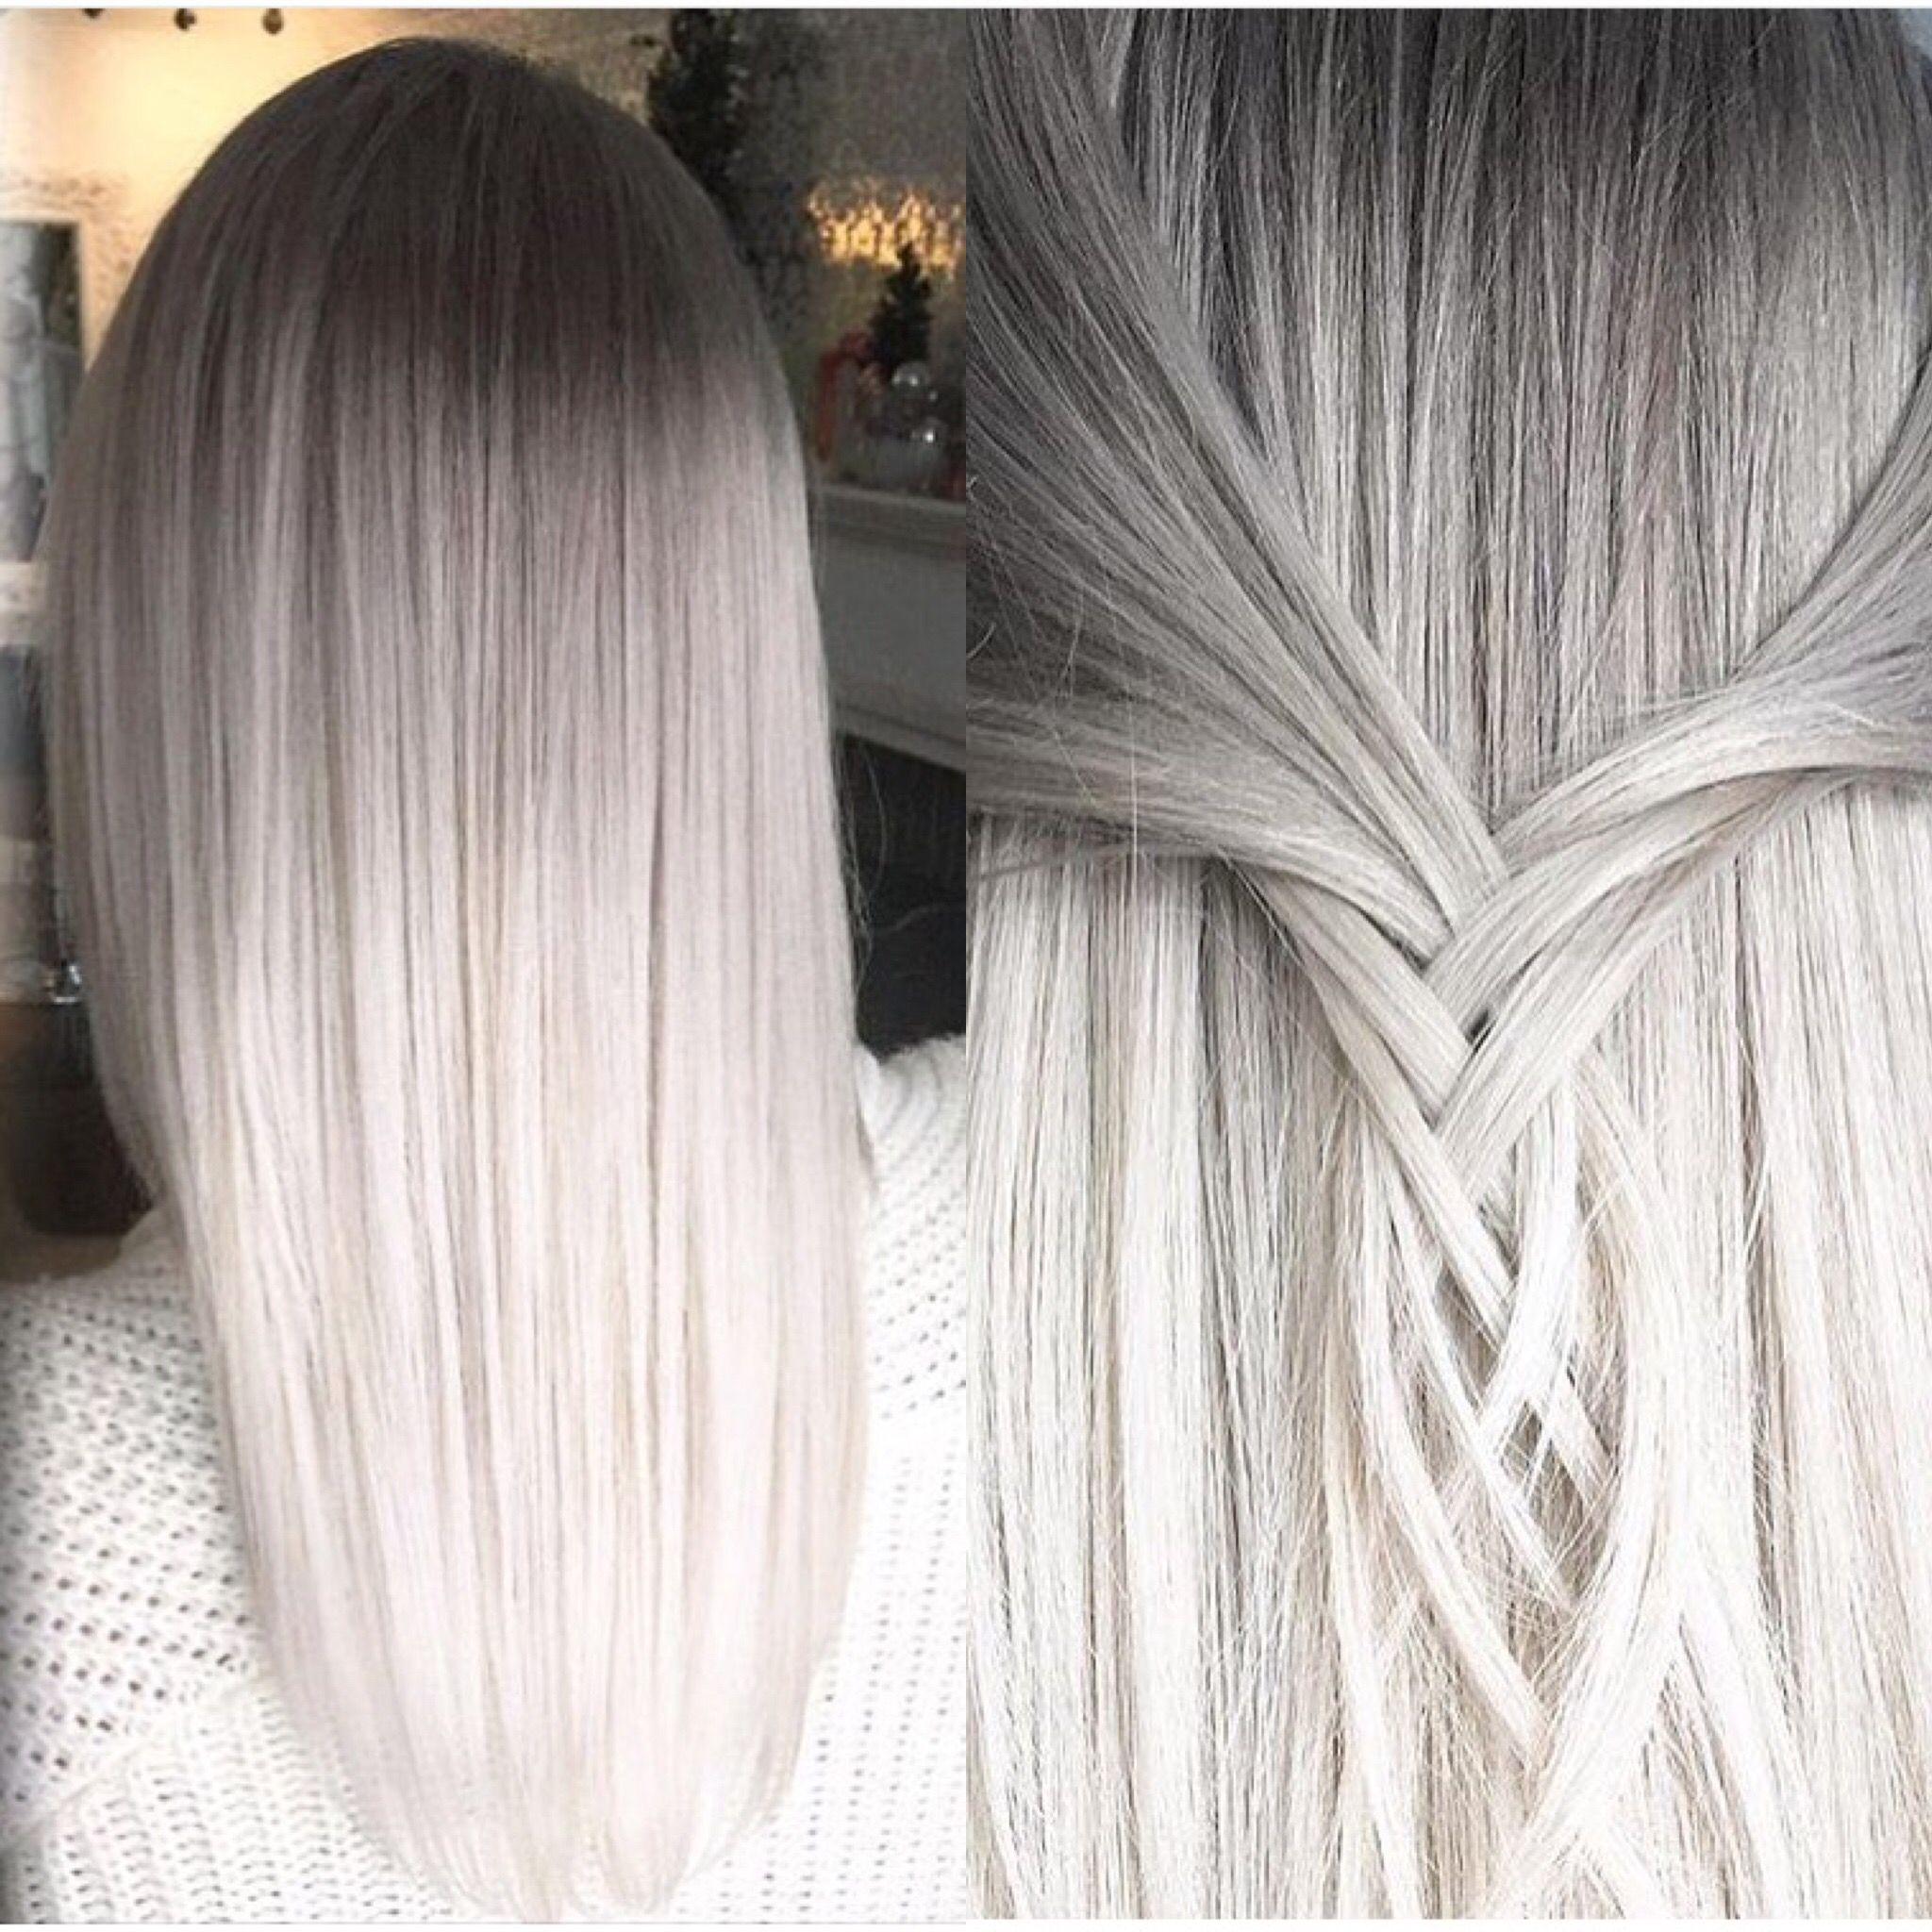 Pin by Klaudia Becherycz on paznokcie i włosy  Pinterest  Hair